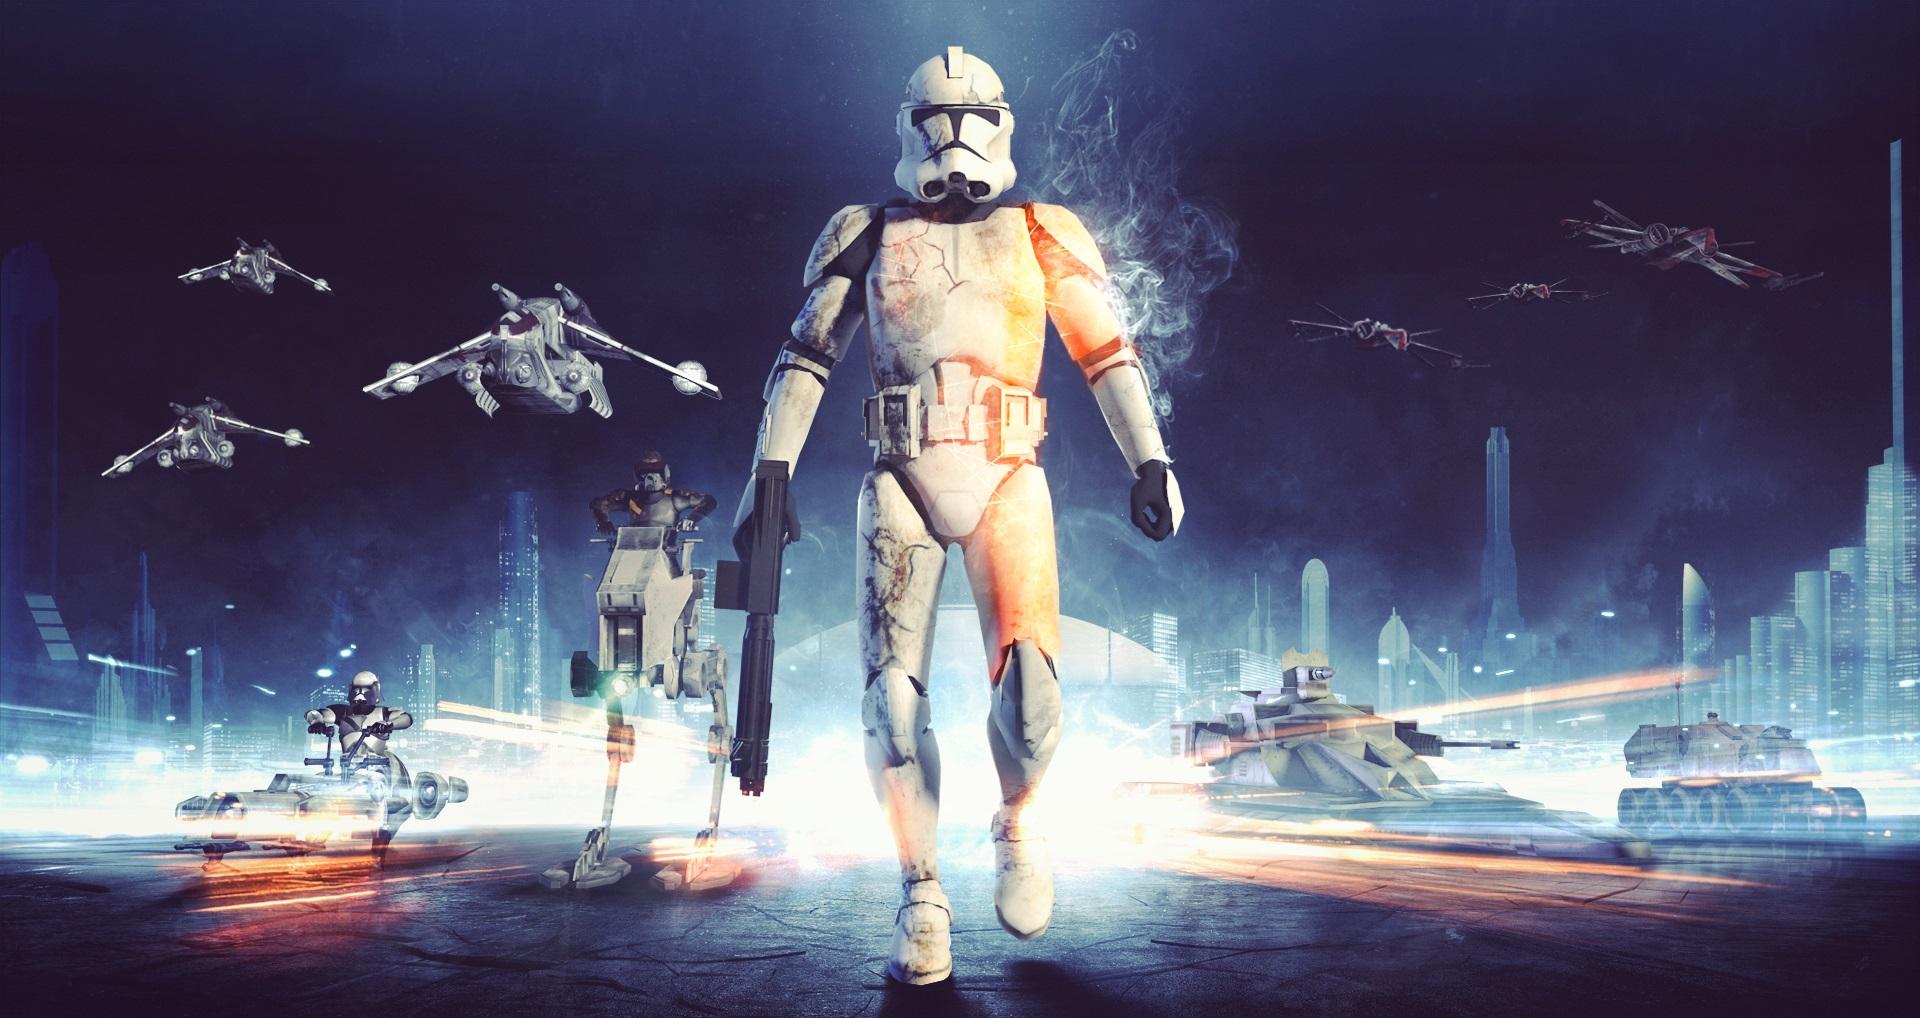 Star_Wars_Battlefront_feature_update